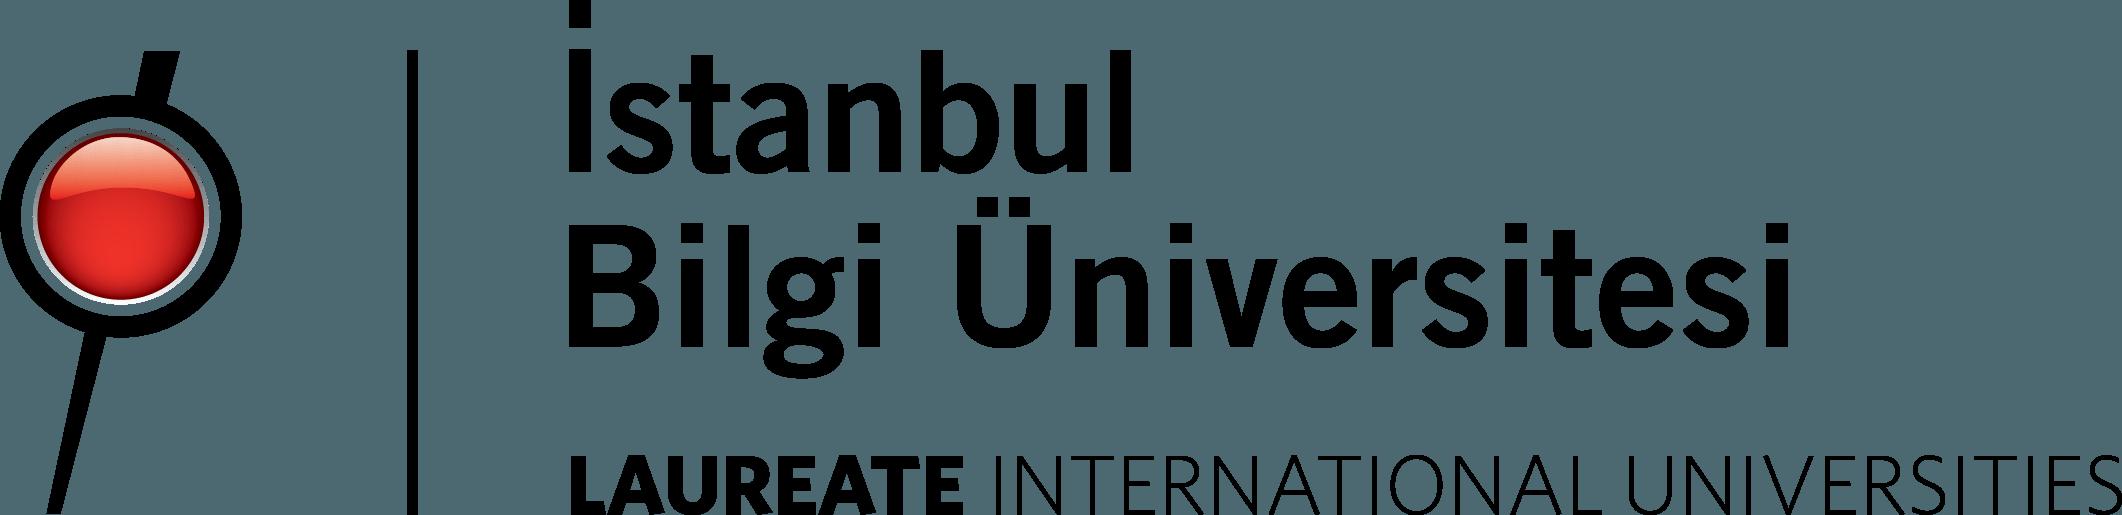 İstanbul Bilgi Üniversitesi Vektörel Logosu [bilgi.edu.tr] png